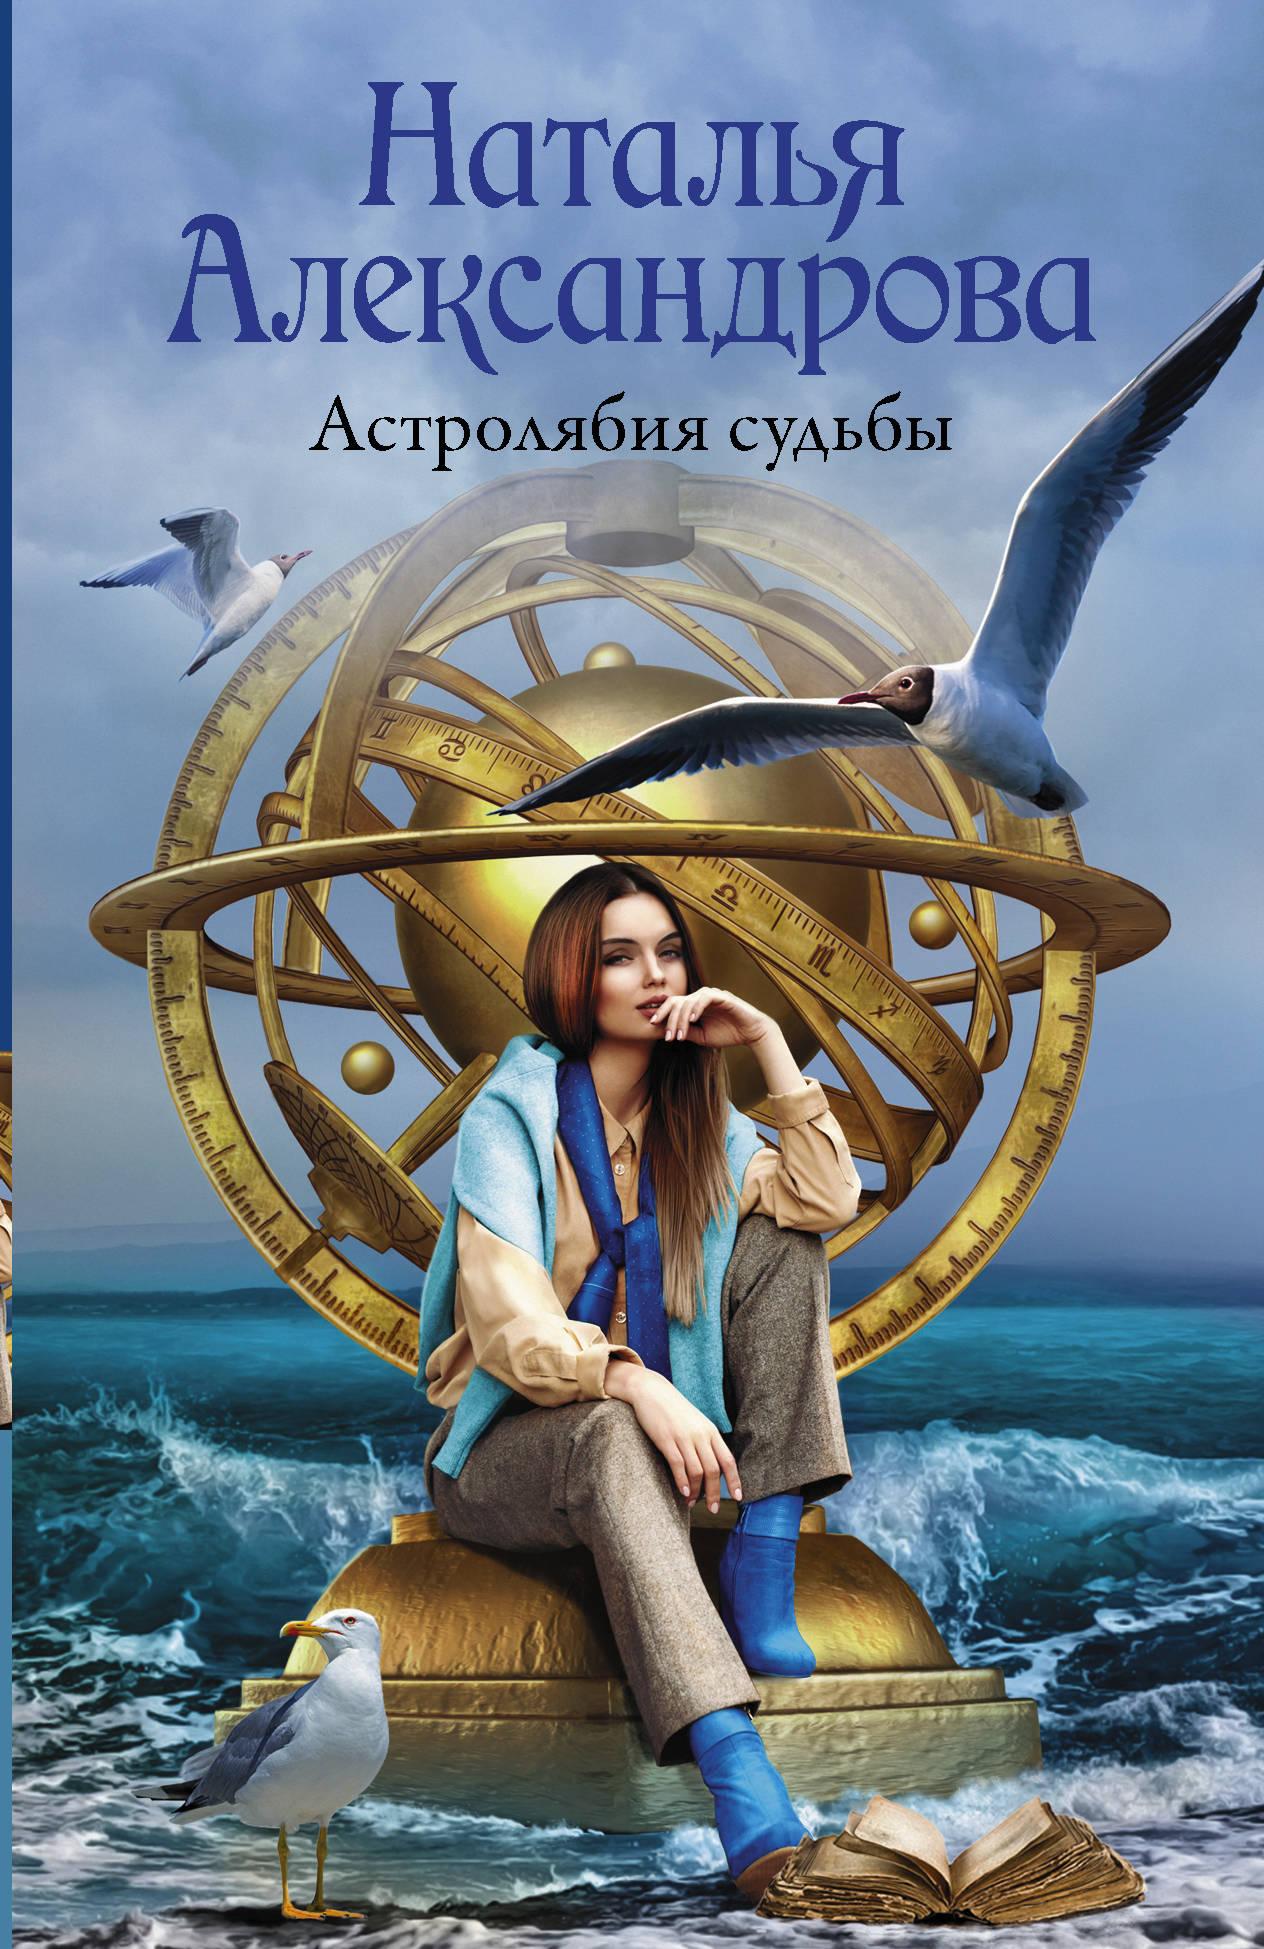 Астролябия судьбы: Роман